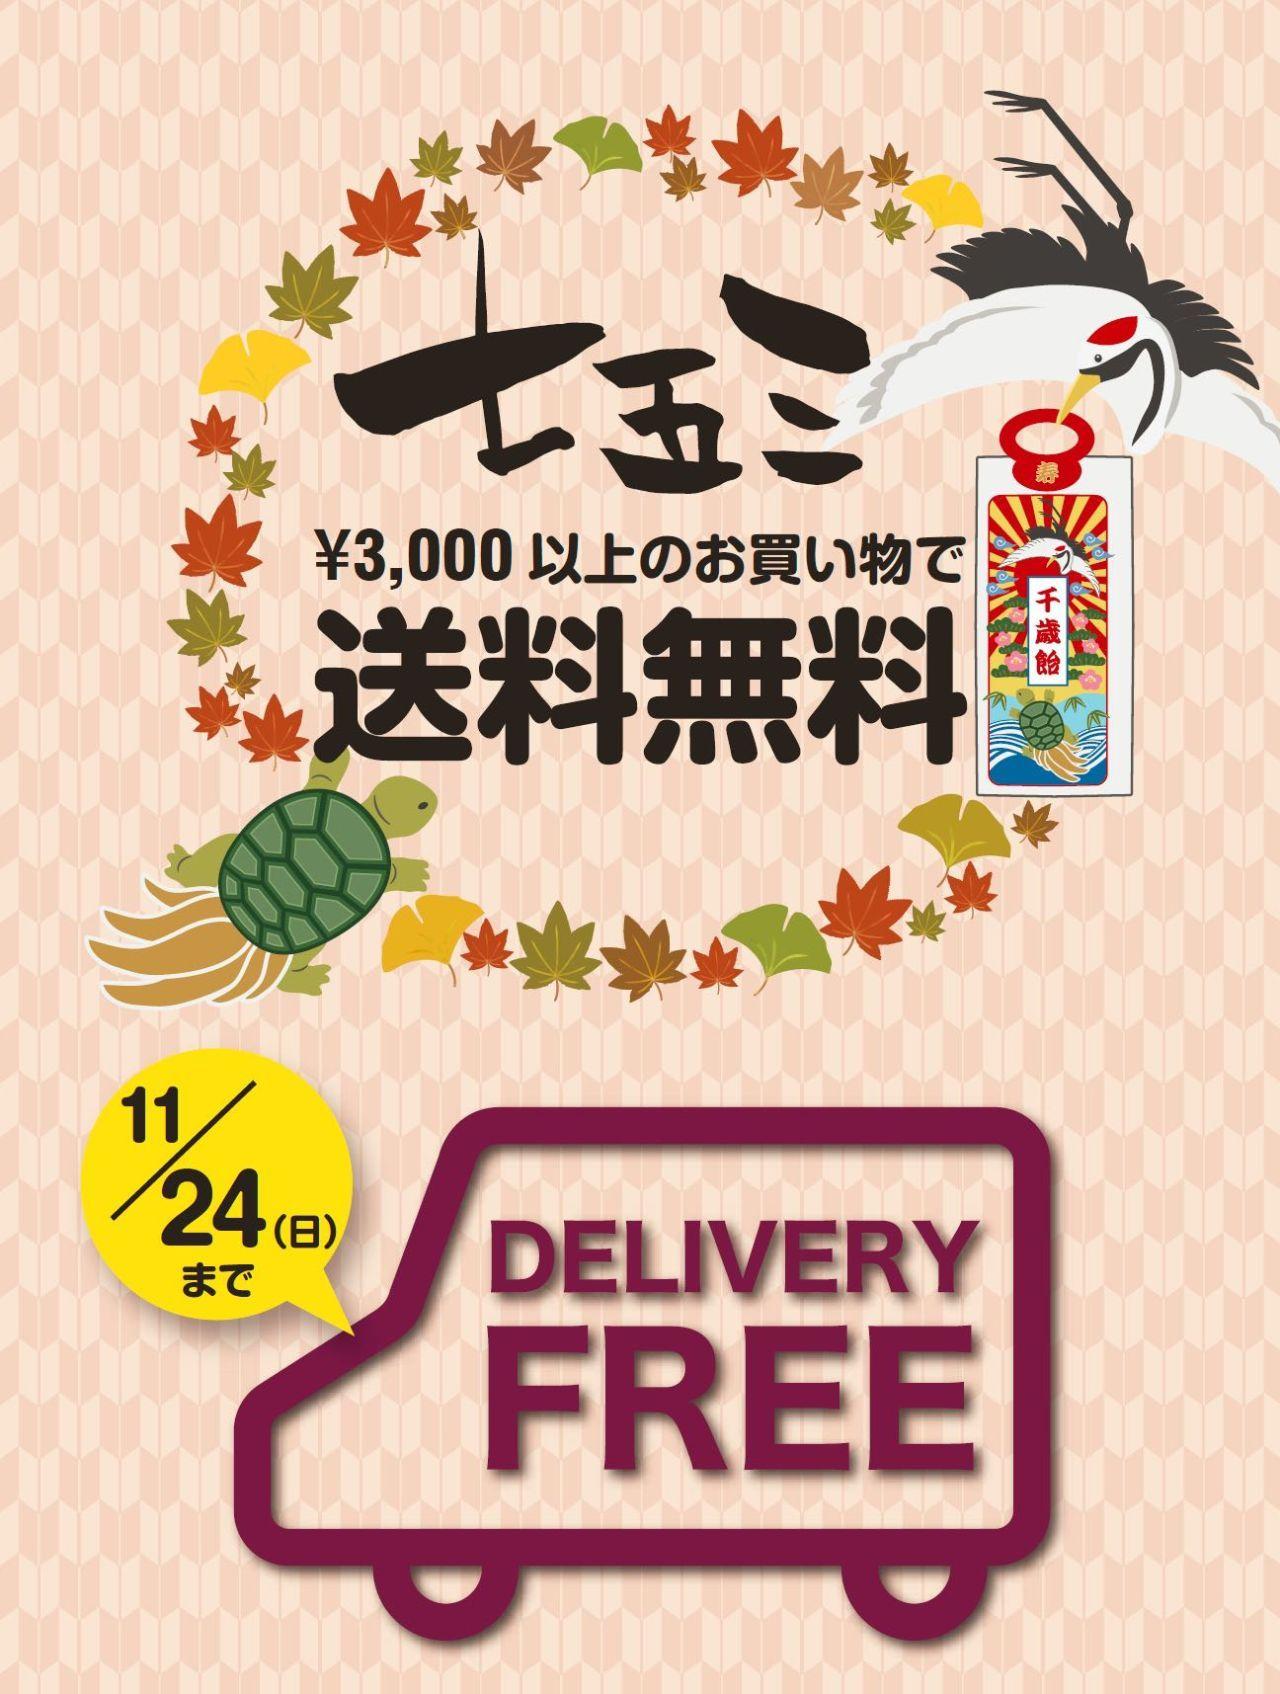 「【キャンペーン】送料無料【3,000円以上】」の写真